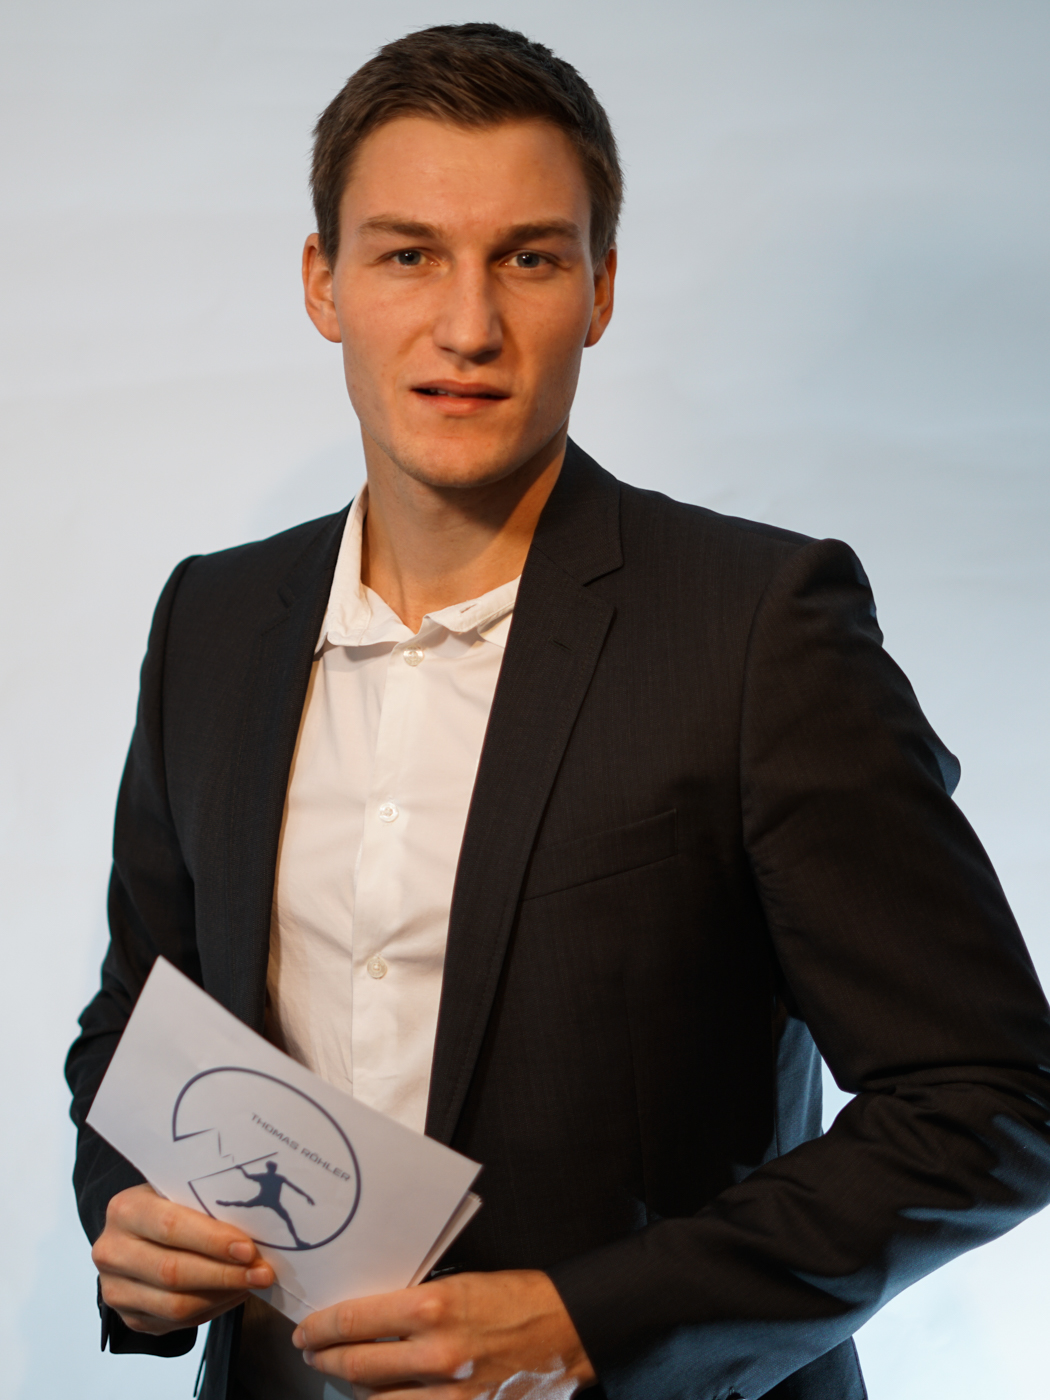 Thomas Röhler - Speaker Vortrag mit Karteikarte im Anzug